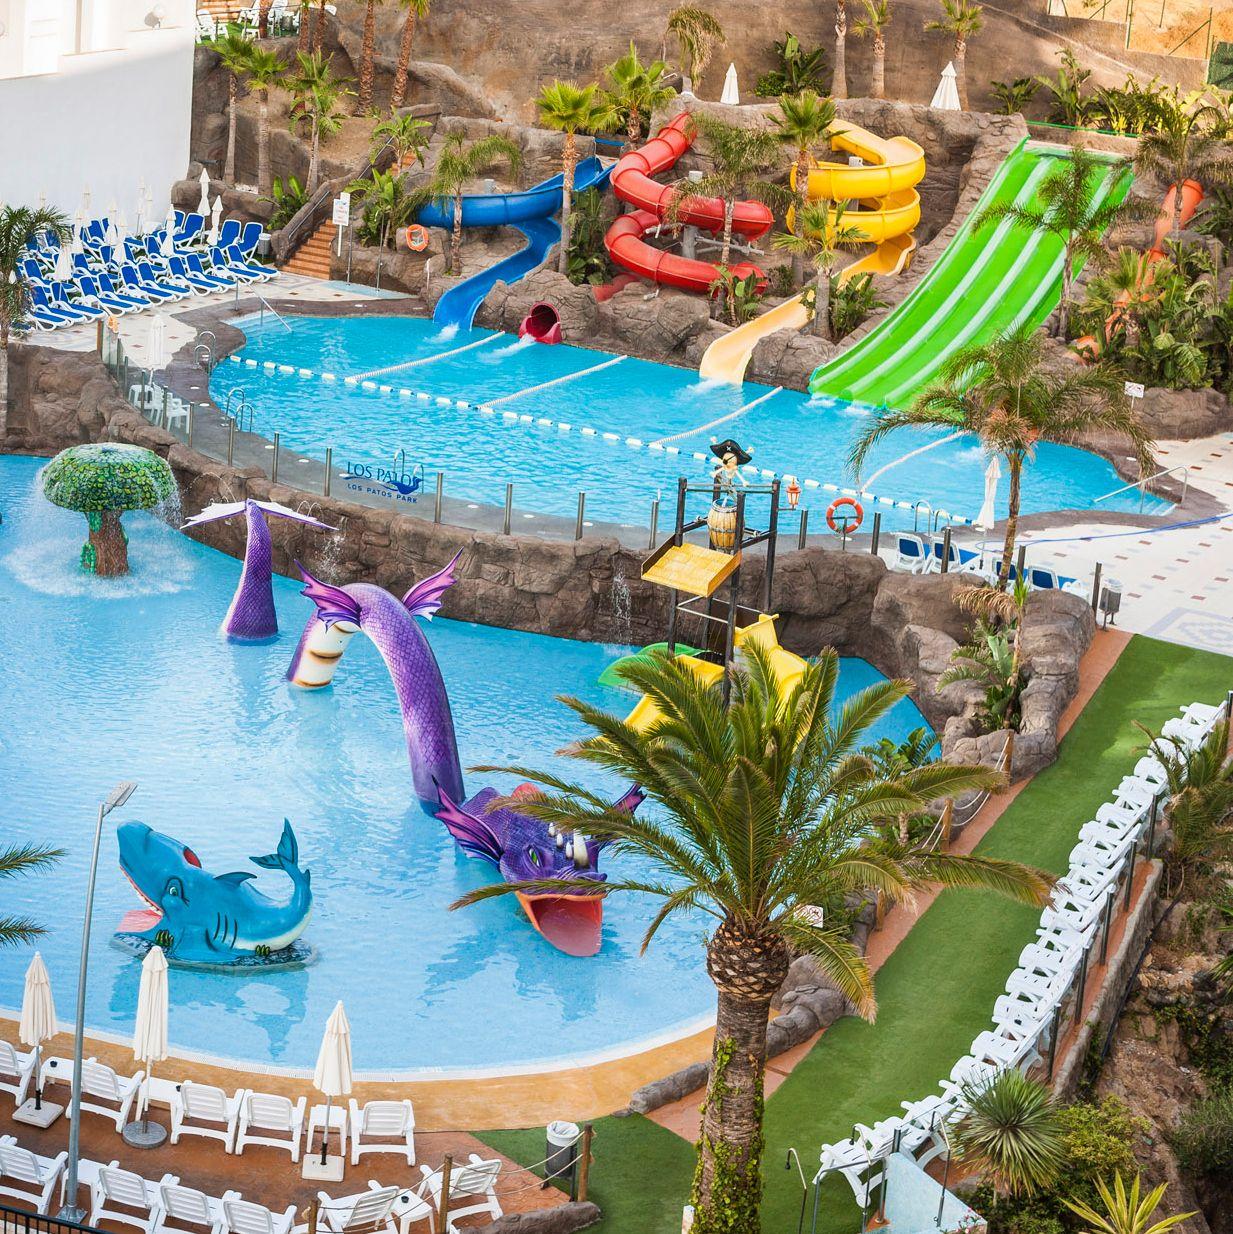 Globales Los Patos Park Nuestro Nuevo Hotel Con Parque Acuático Ya Disponible En Nuestra Web Globaleslospatosp Parque Acuatico Parques Lugares Exóticos